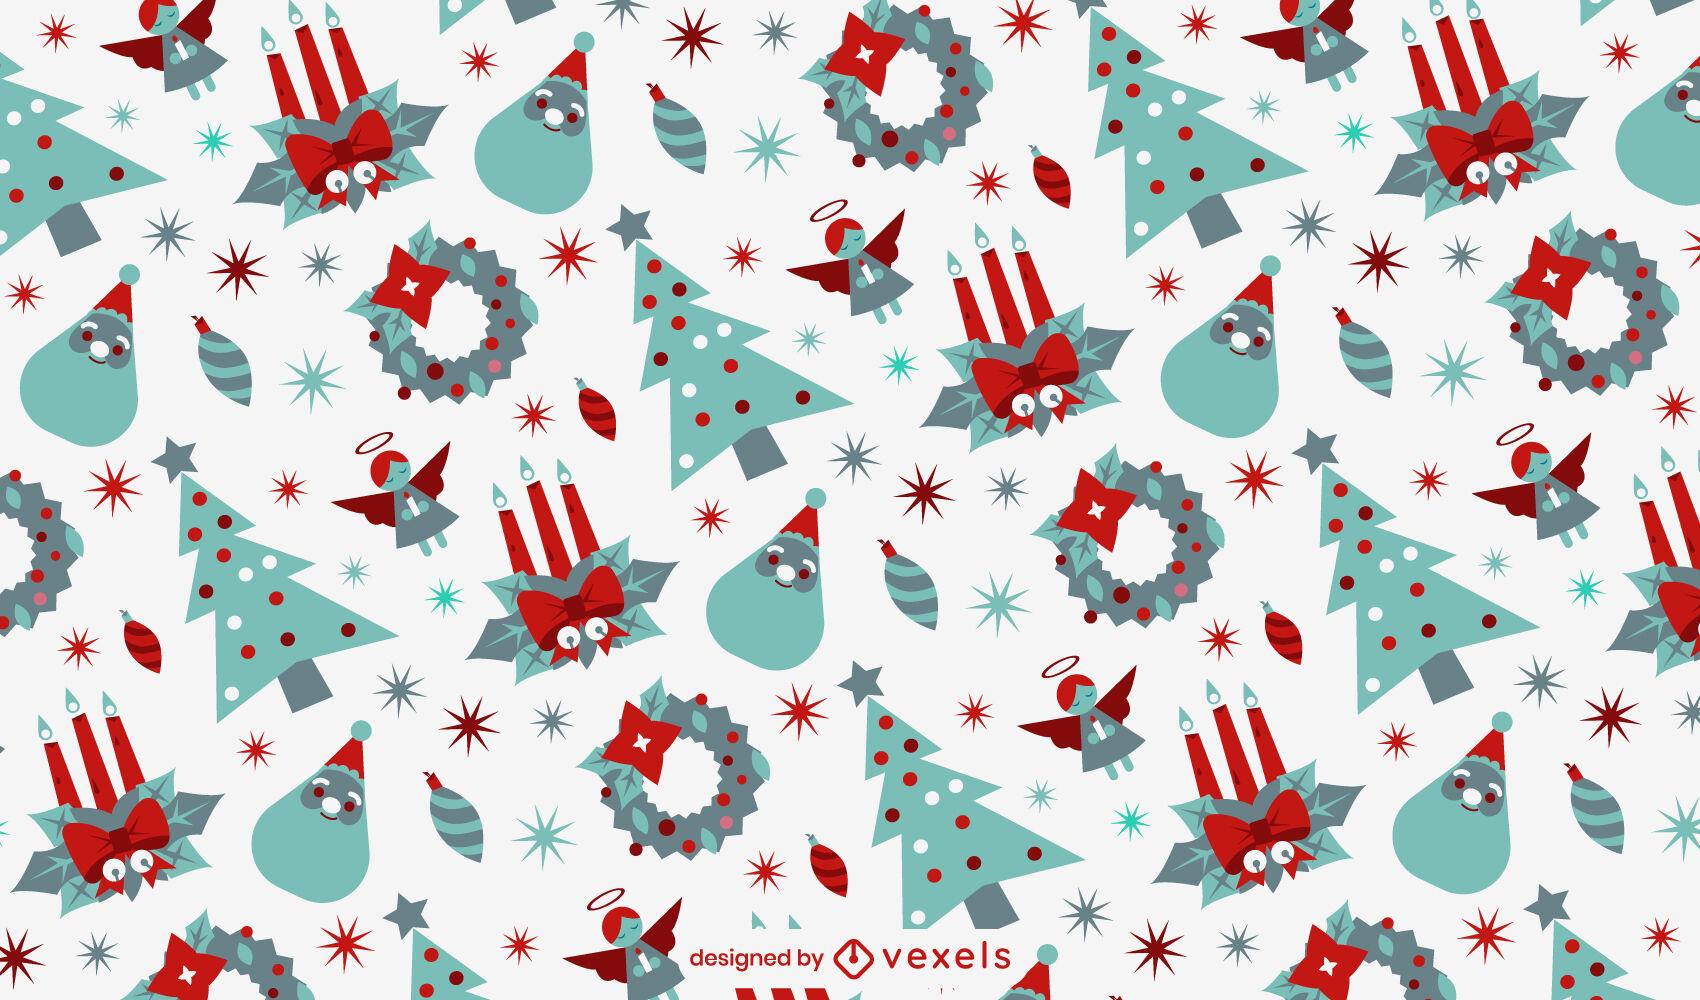 Musterdesign für Weihnachtsdekorationen